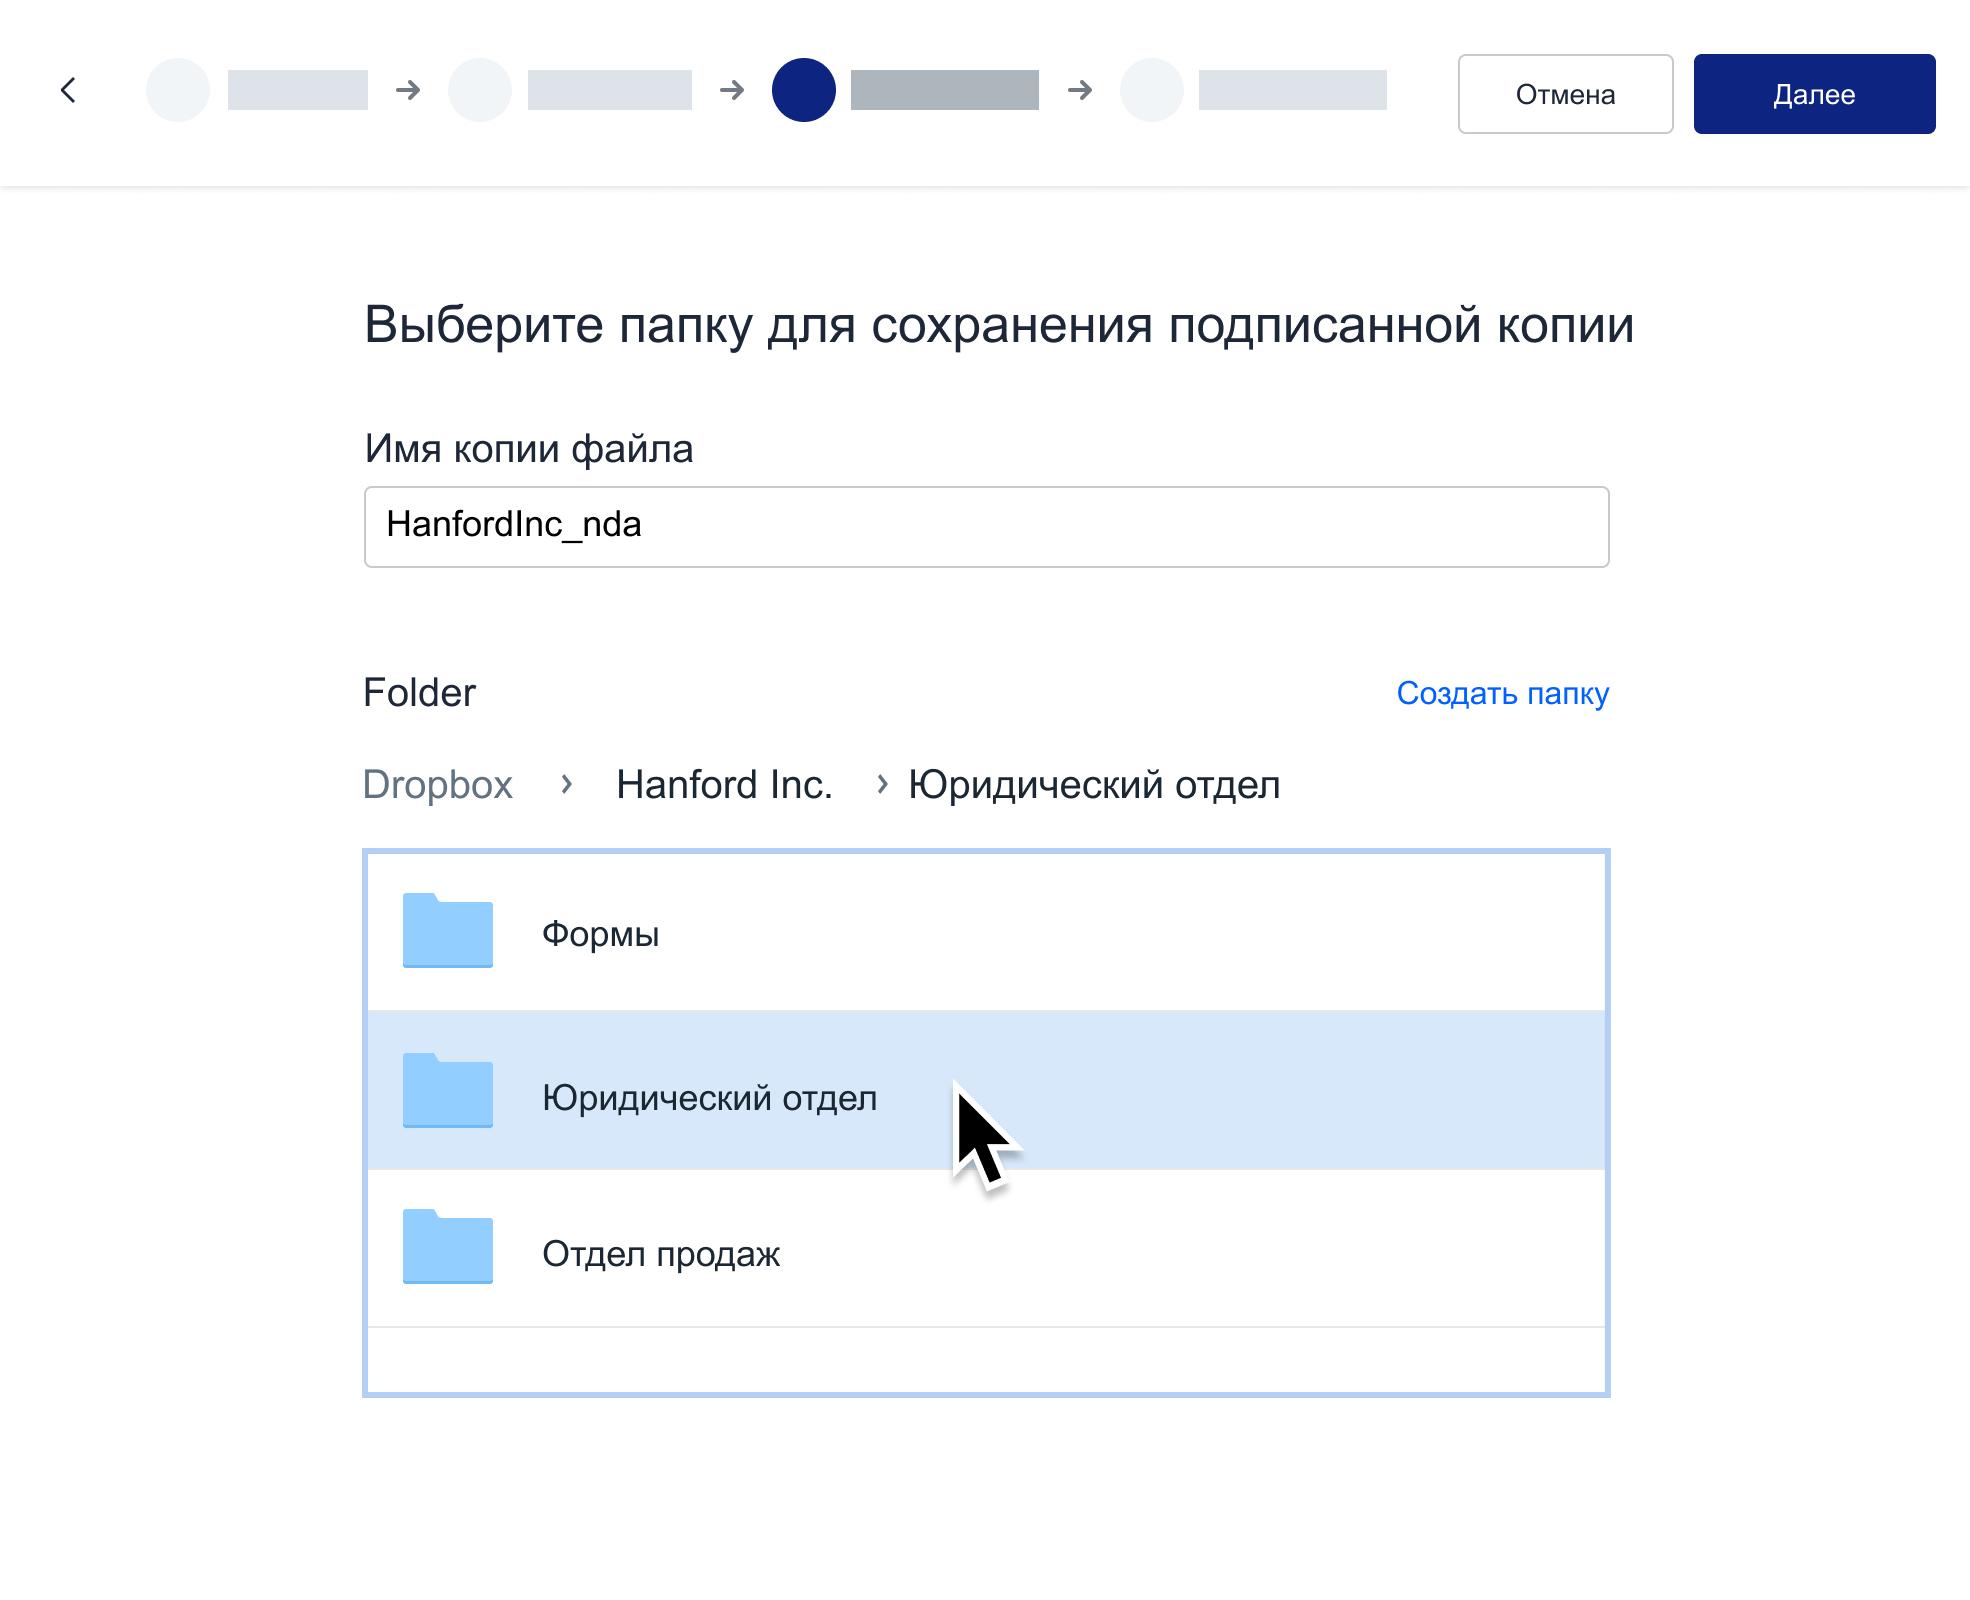 Скриншот сохранения подписанного экземпляра в папке Dropbox